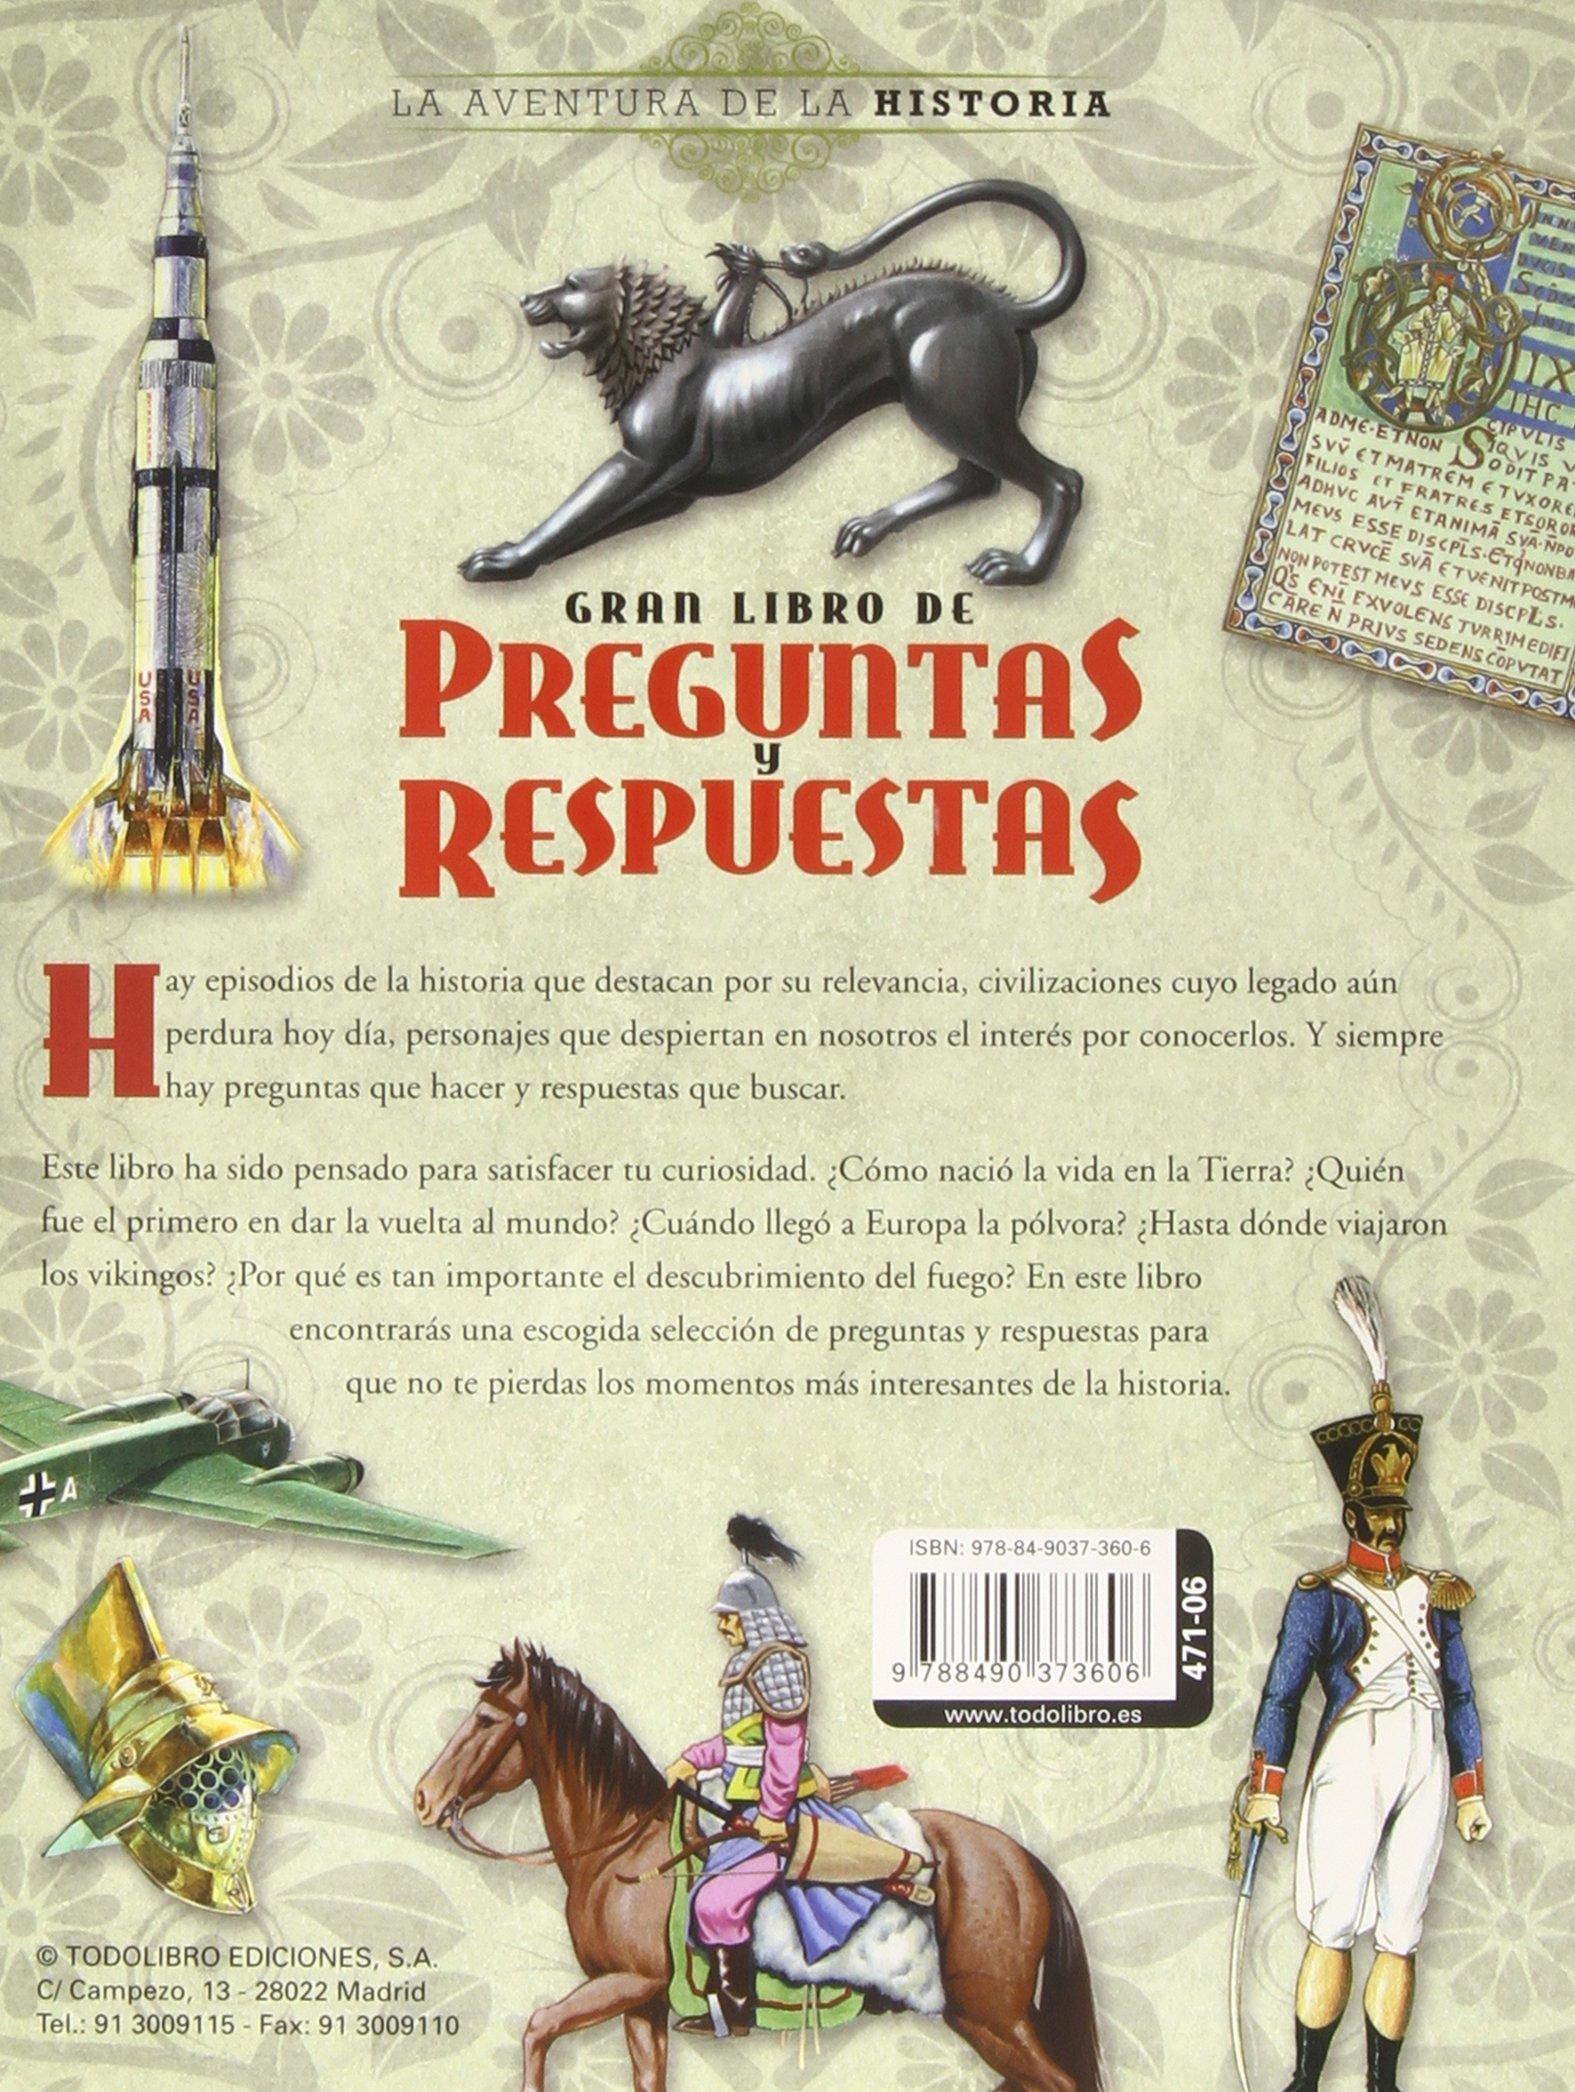 La Aventura De La Historia Gran Libro De Preguntas Y Respuestas Amazon Es Todolibro Libros